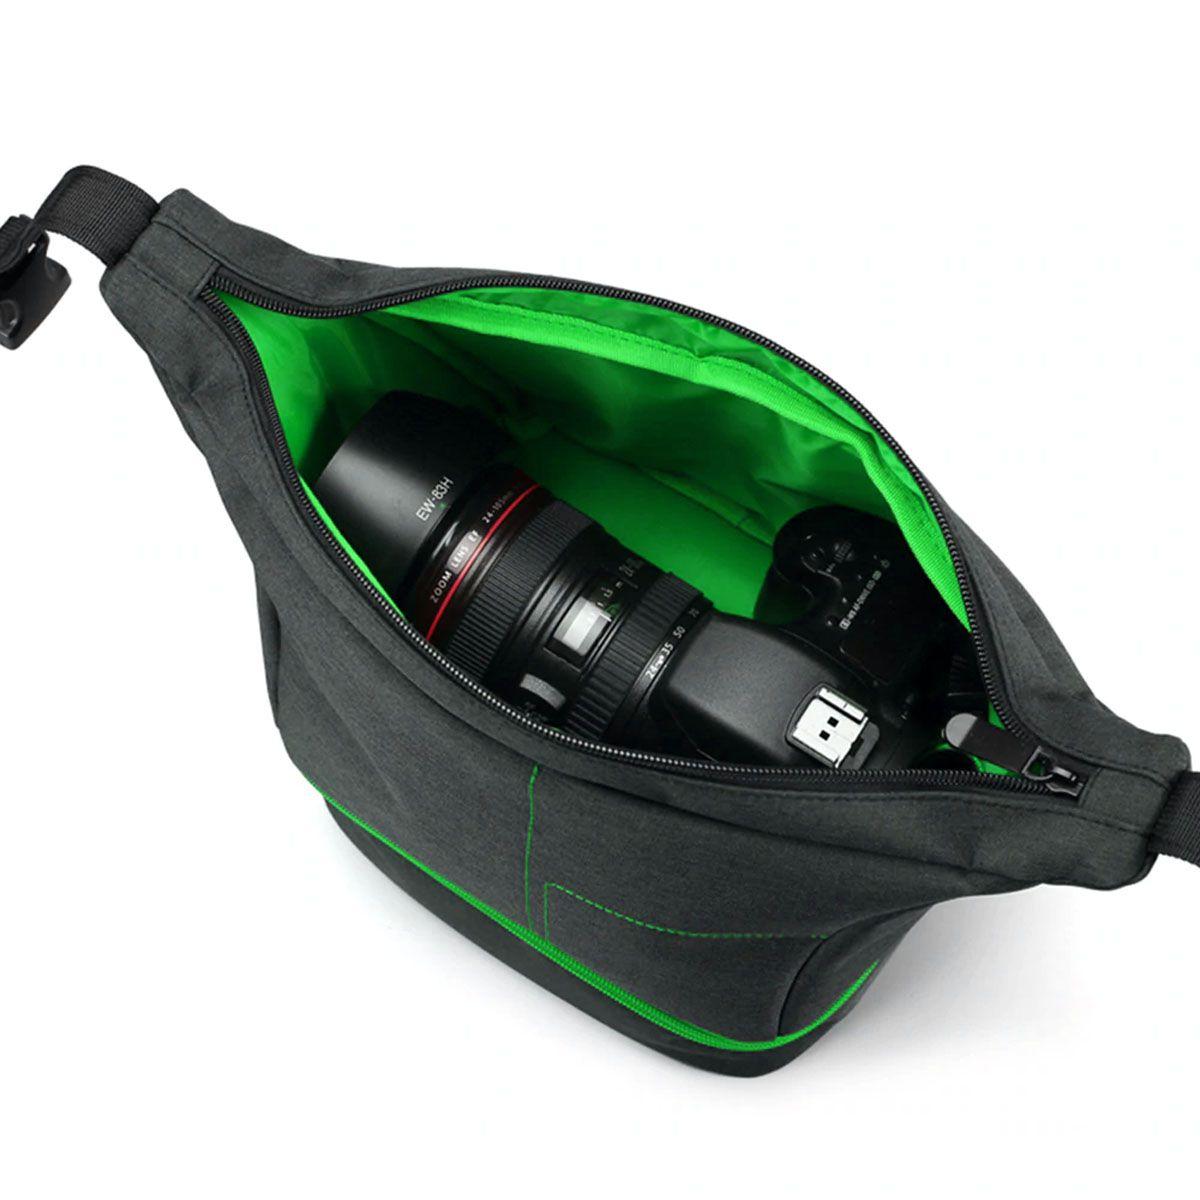 Bolsa para Câmera DSLR ou Vídeo - ER 7513 - C24xP19xA27cm  - Diafilme Materiais Fotográficos